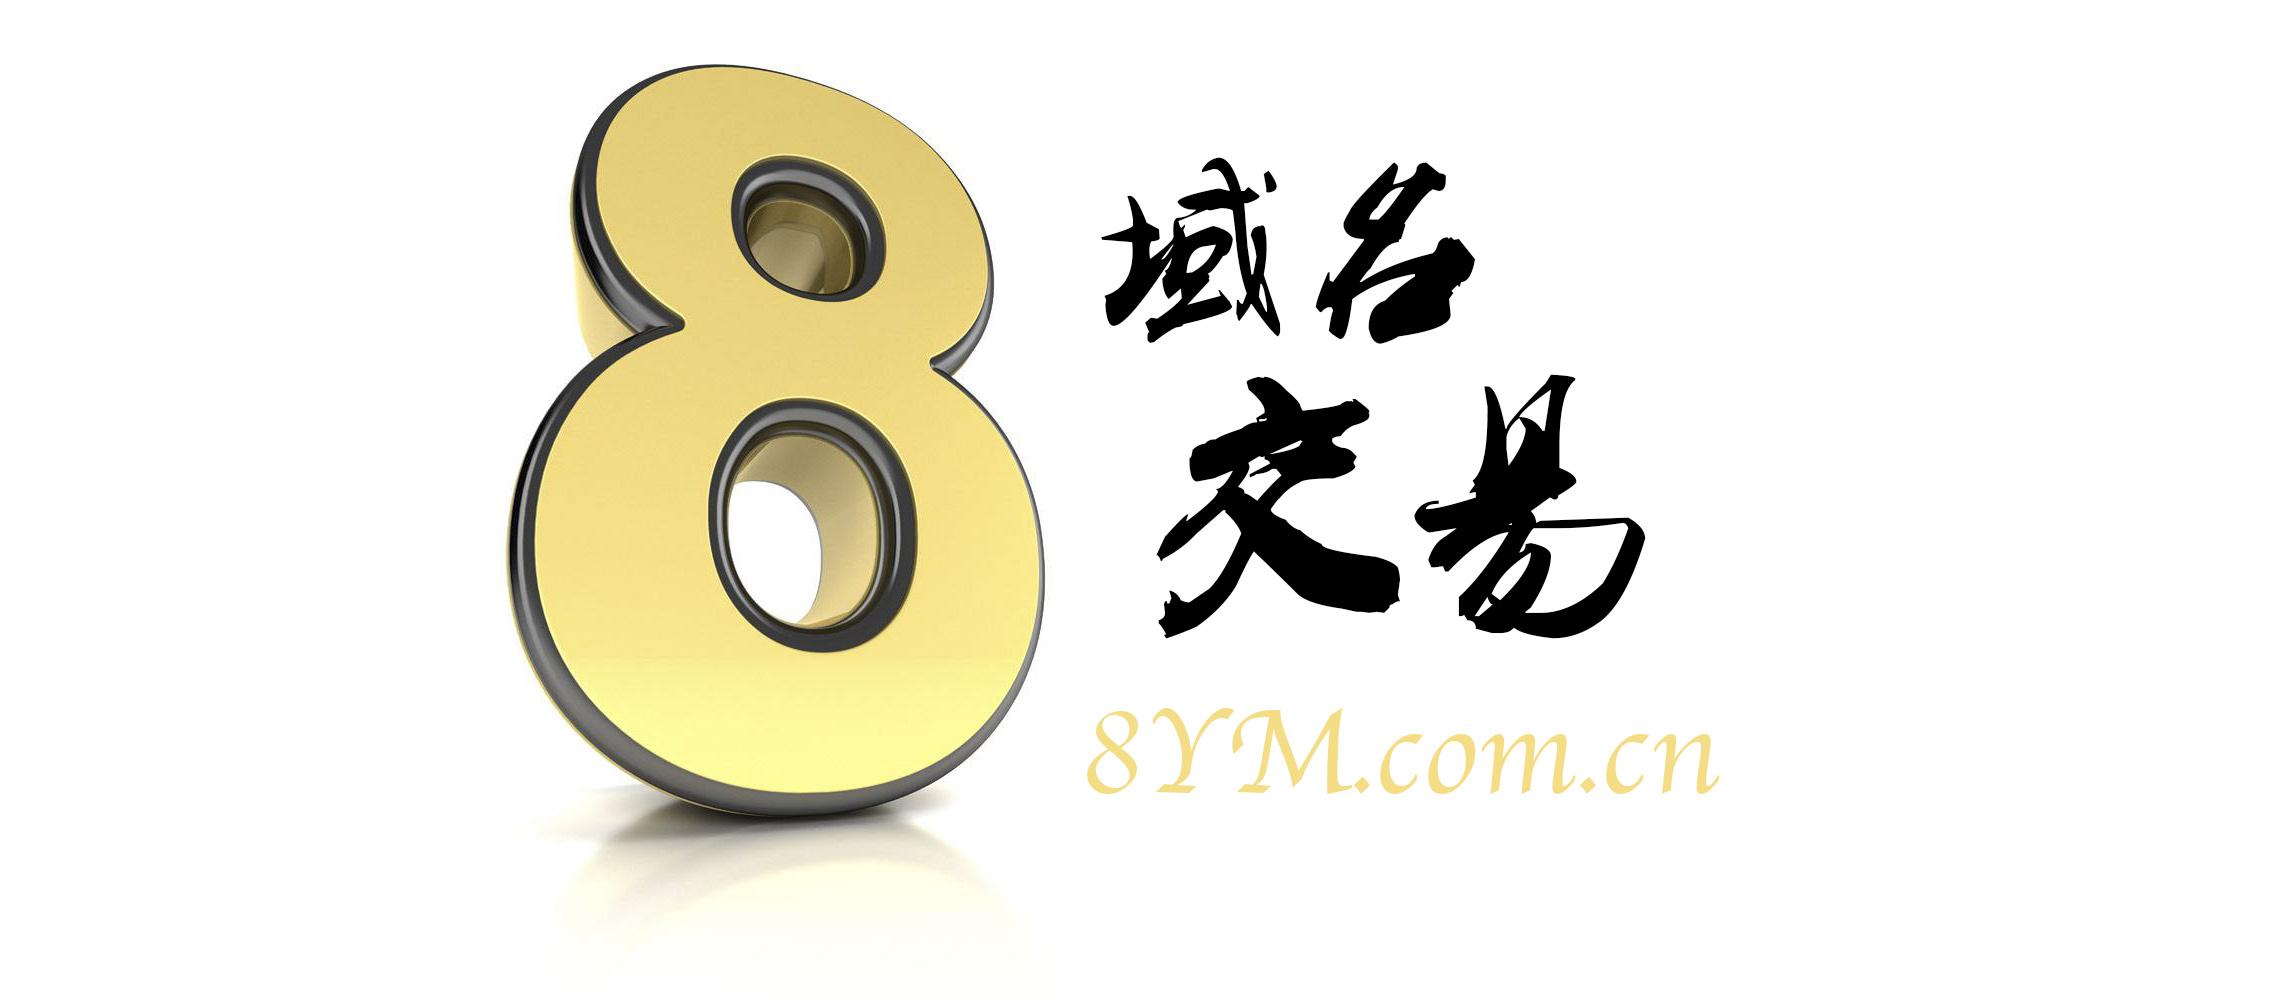 8域名-精品域名网